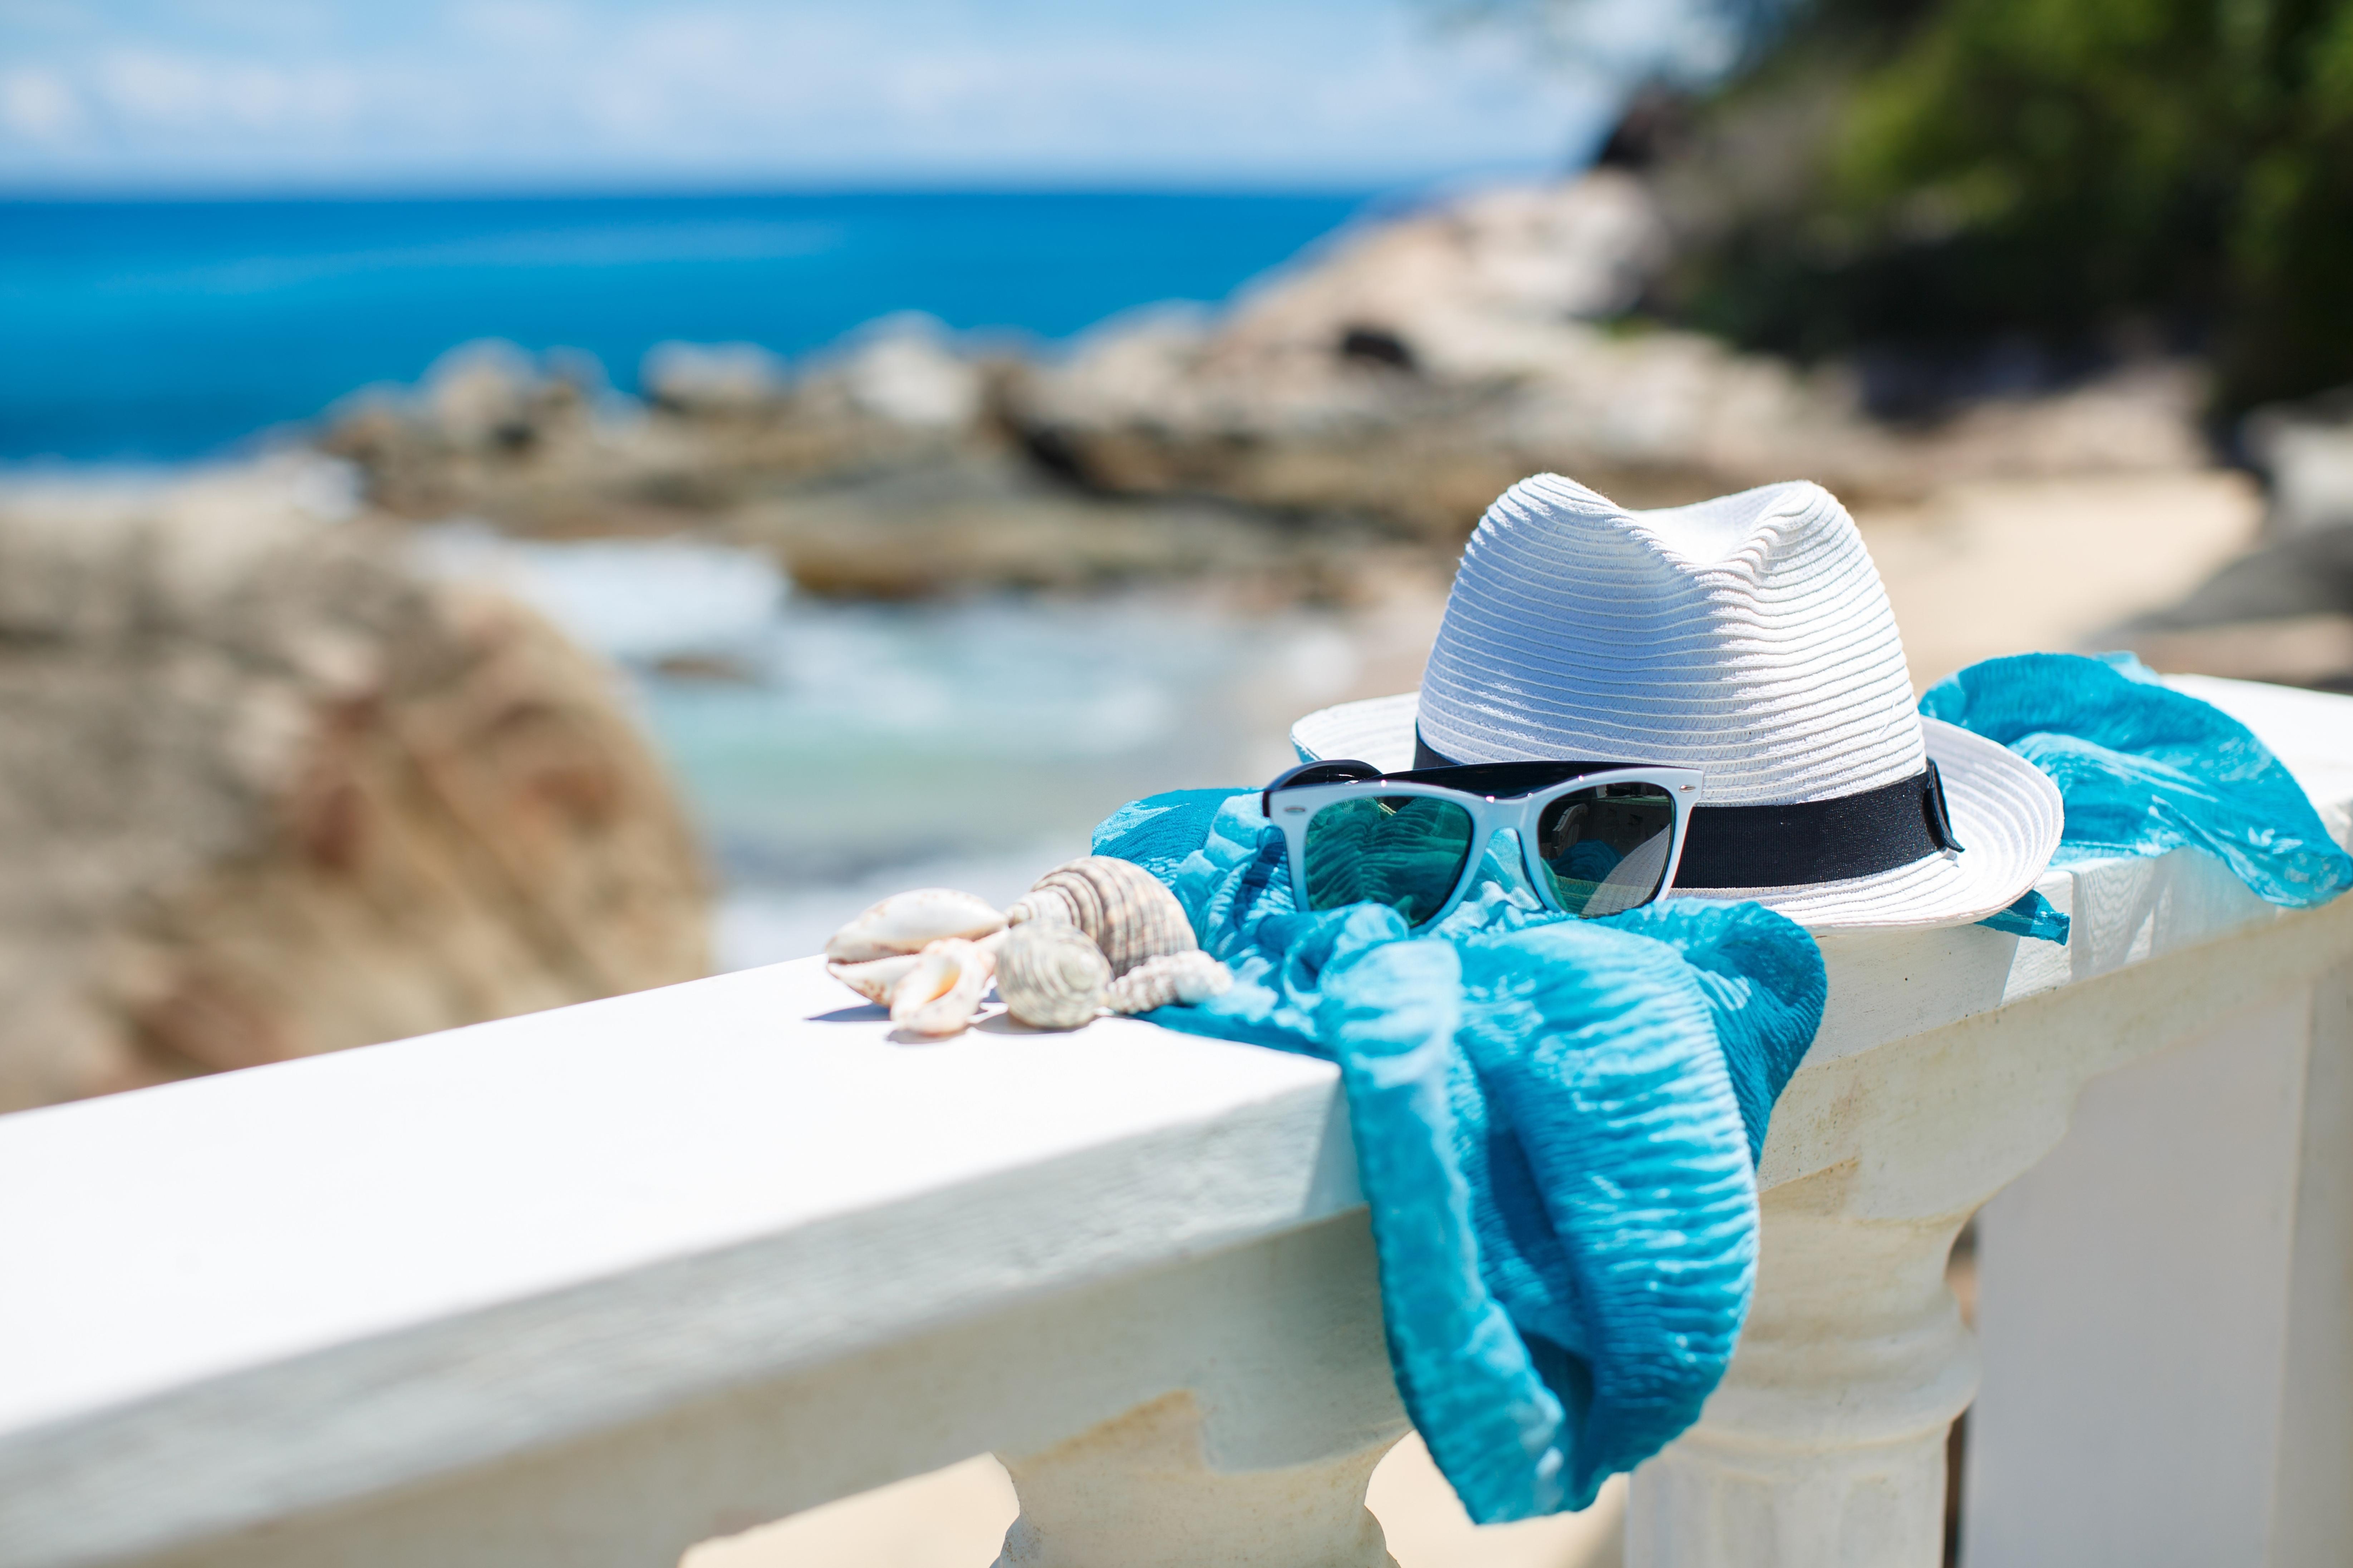 очки шляпа сланцы доски скачать